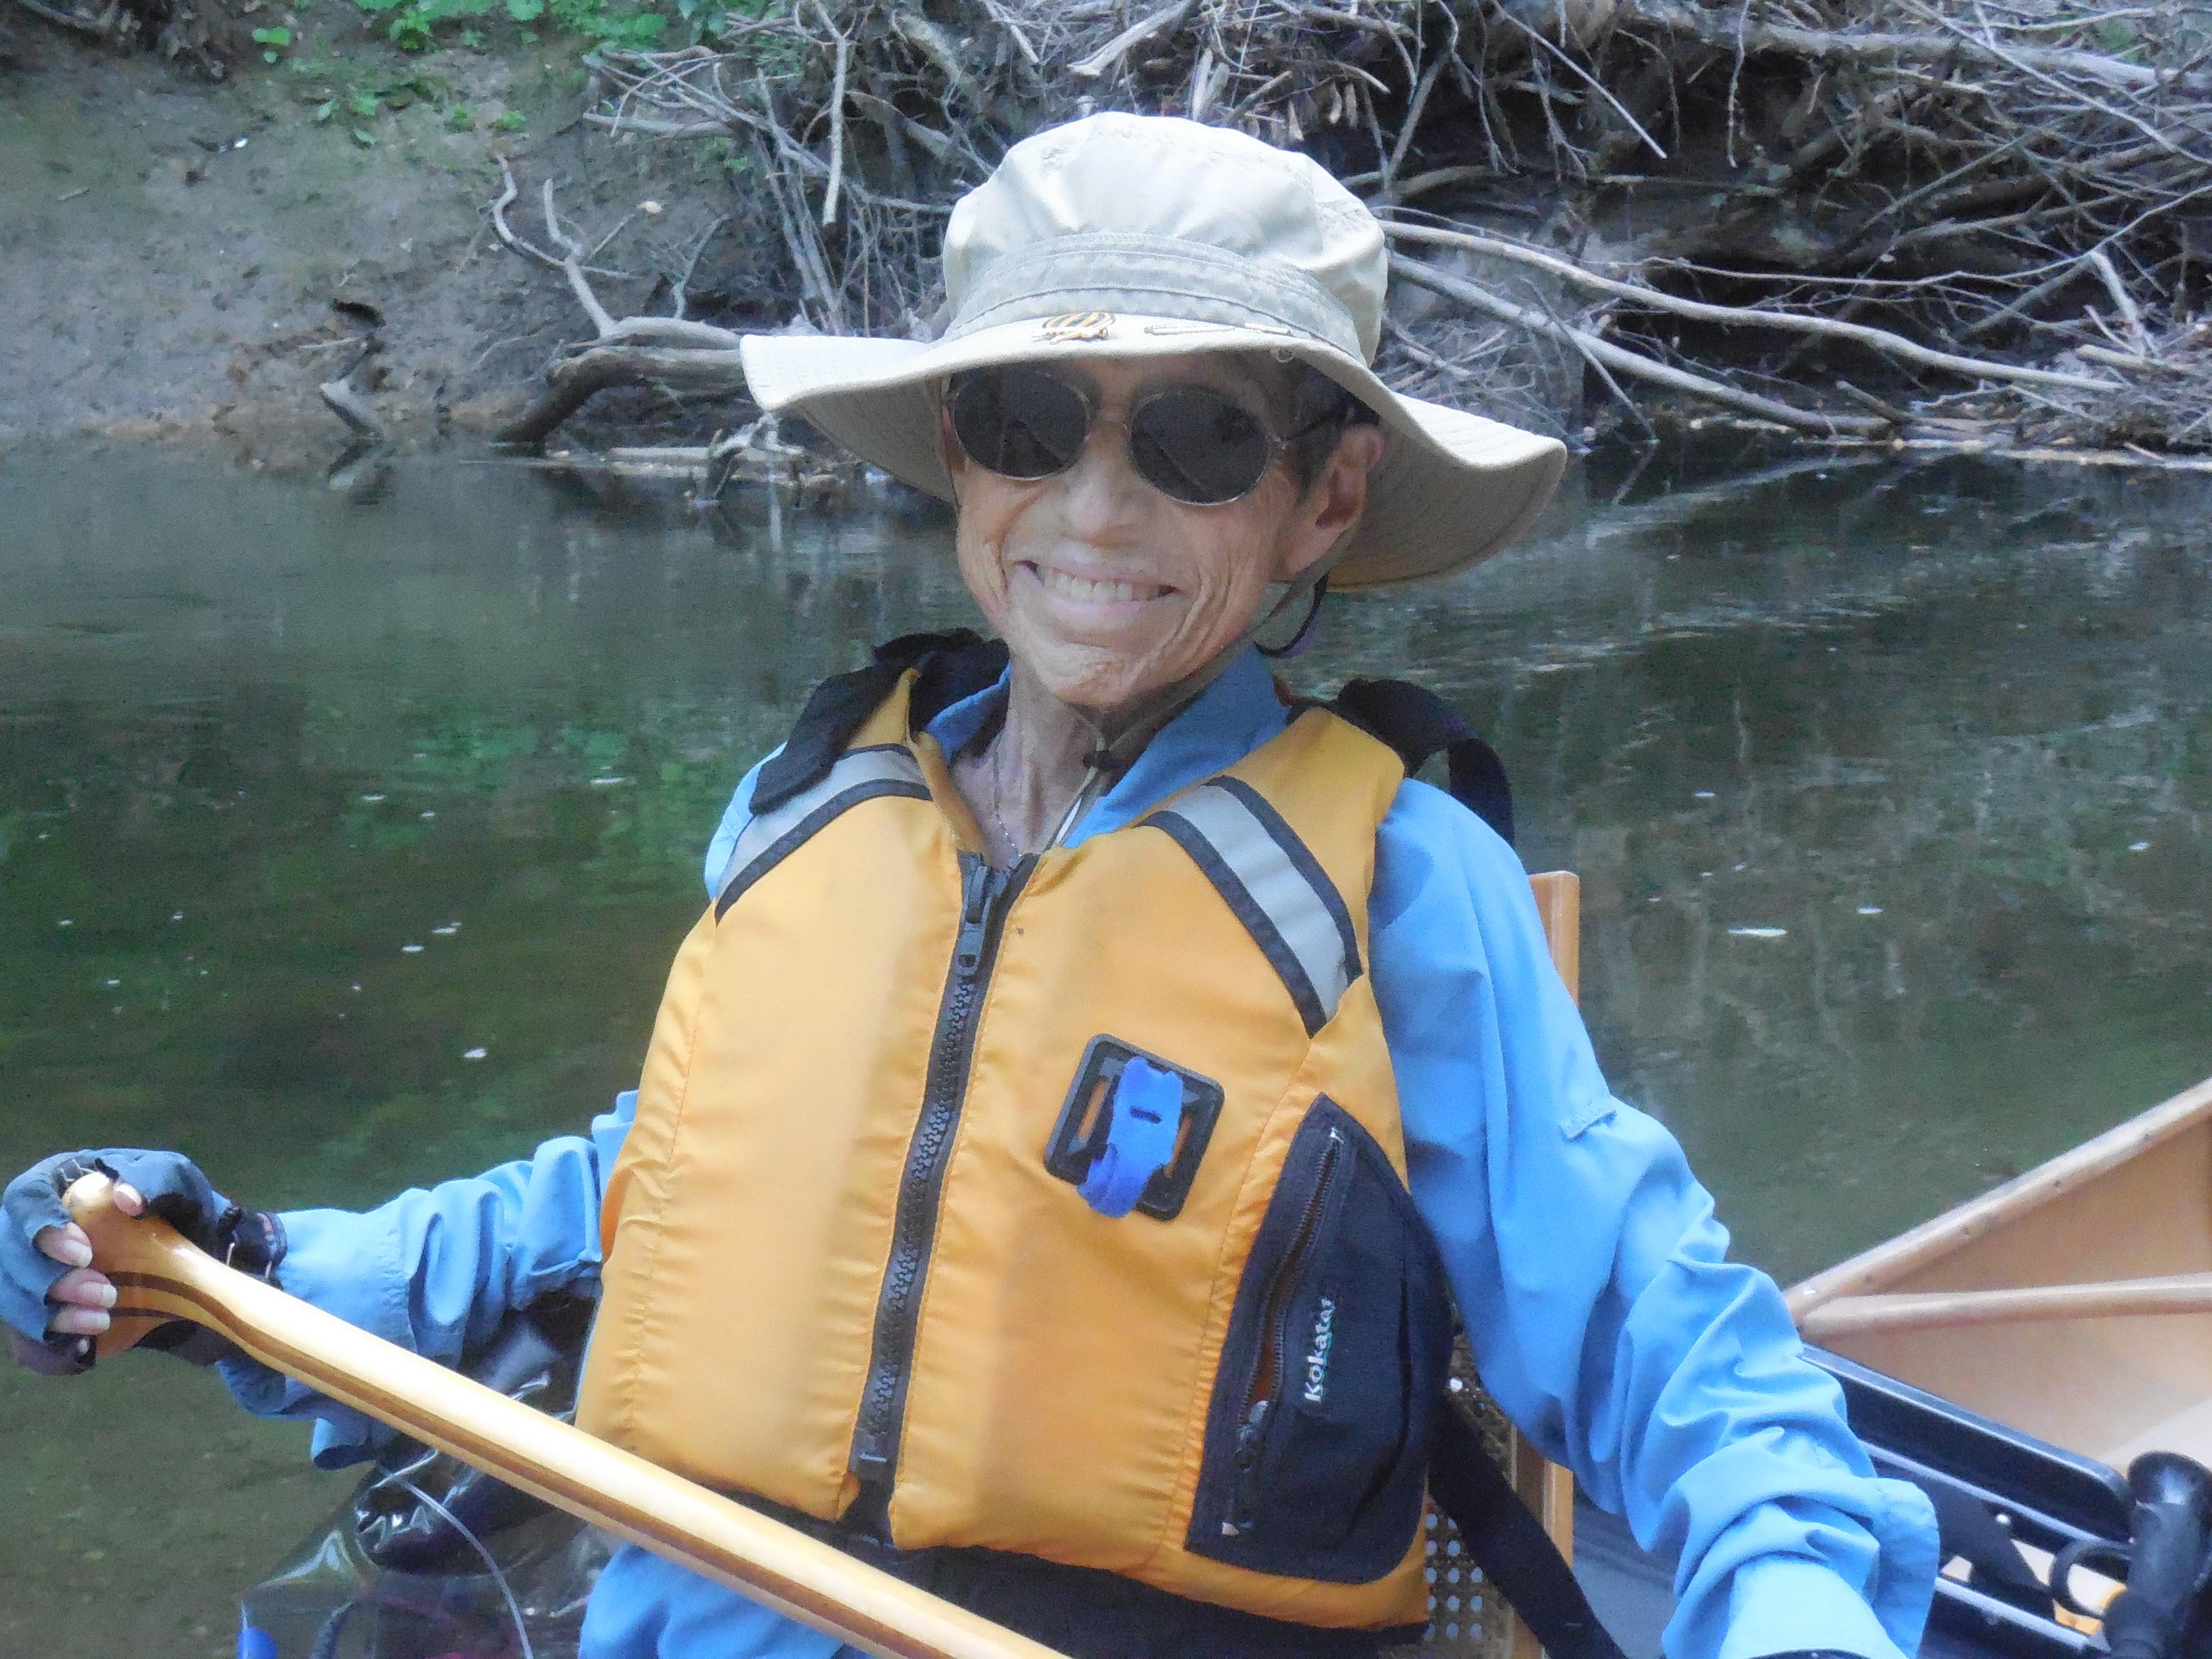 B.J. canoeing ten days before her passing.